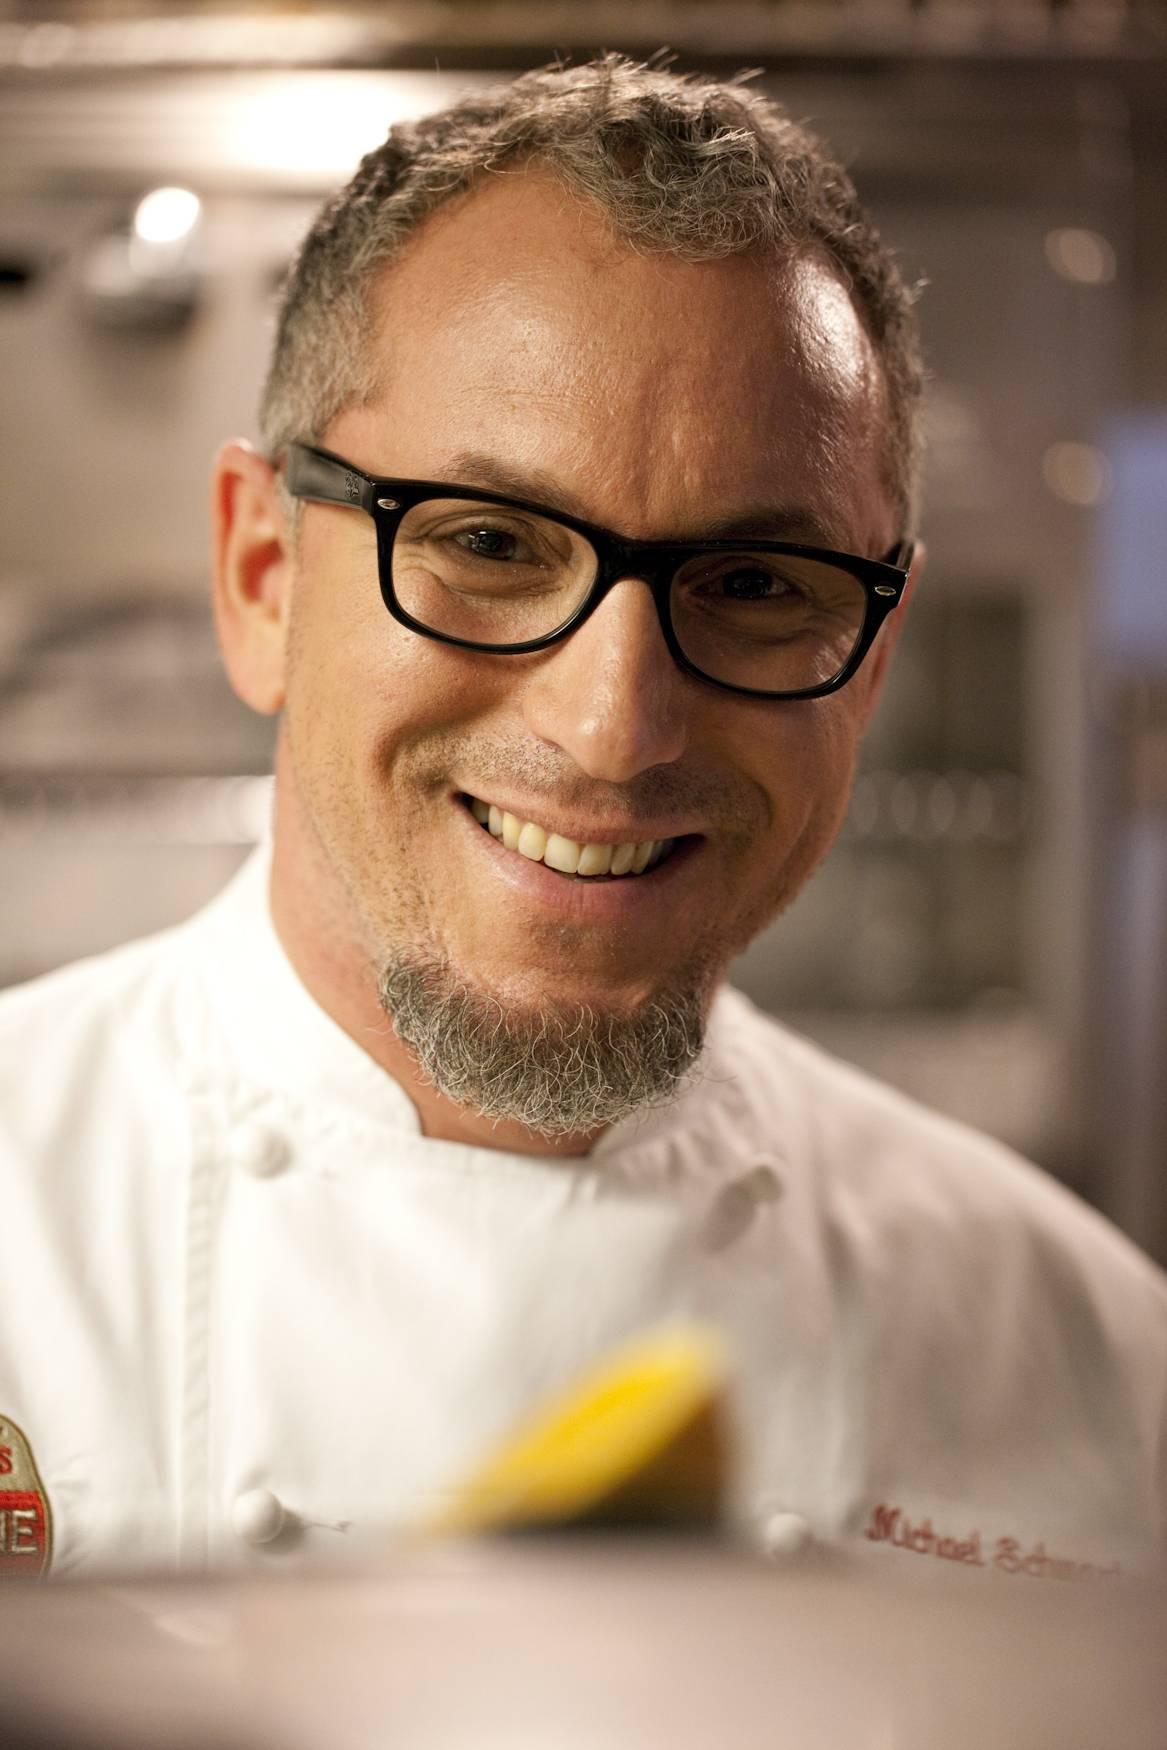 Miami's Celebrity Chef Scene - Travel Channel